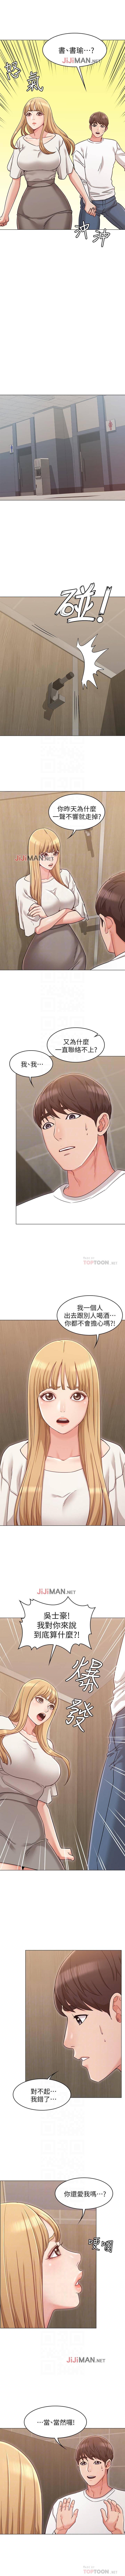 【周六连载】女友的姐姐(作者:橡果人&獵狗) 第1~23话 158